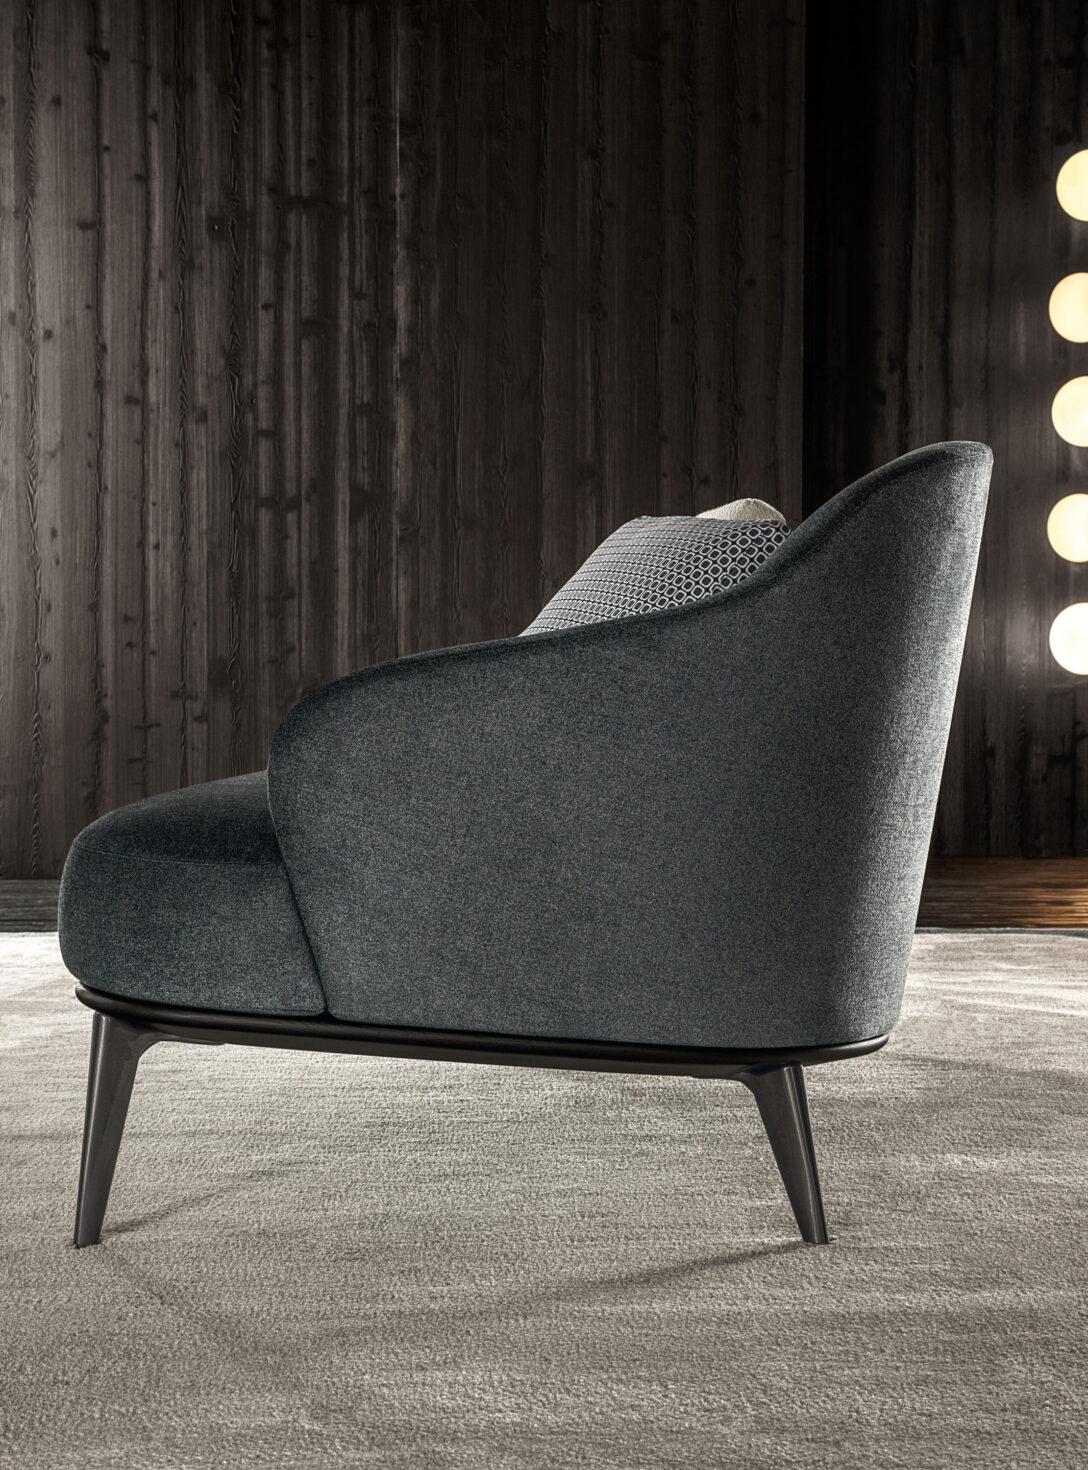 Large Size of Mokumuku Franz Kaufen Bullfrog Sessel Sofa Bezug Wohnzimmer Einrichtungsvorschlge Fertig Französische Betten Wohnzimmer Mokumuku Franz